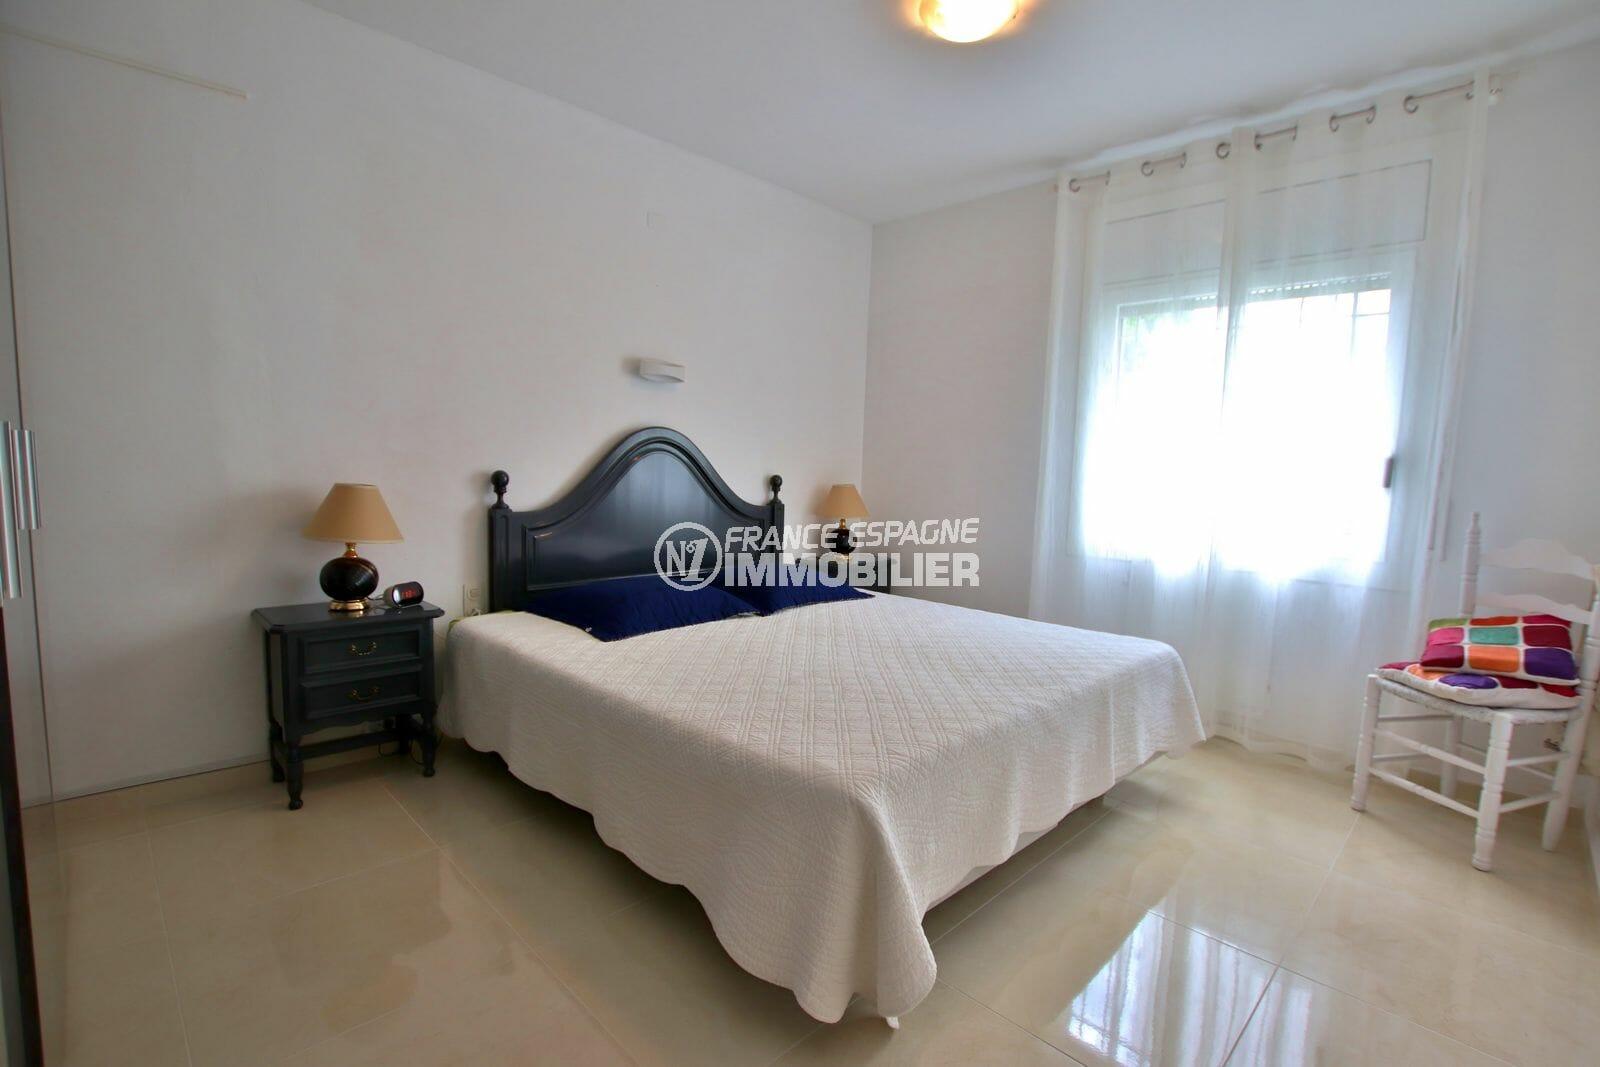 agence immobiliere francaise empuriabrava: villa 215 m², première suite parentale lumineuse